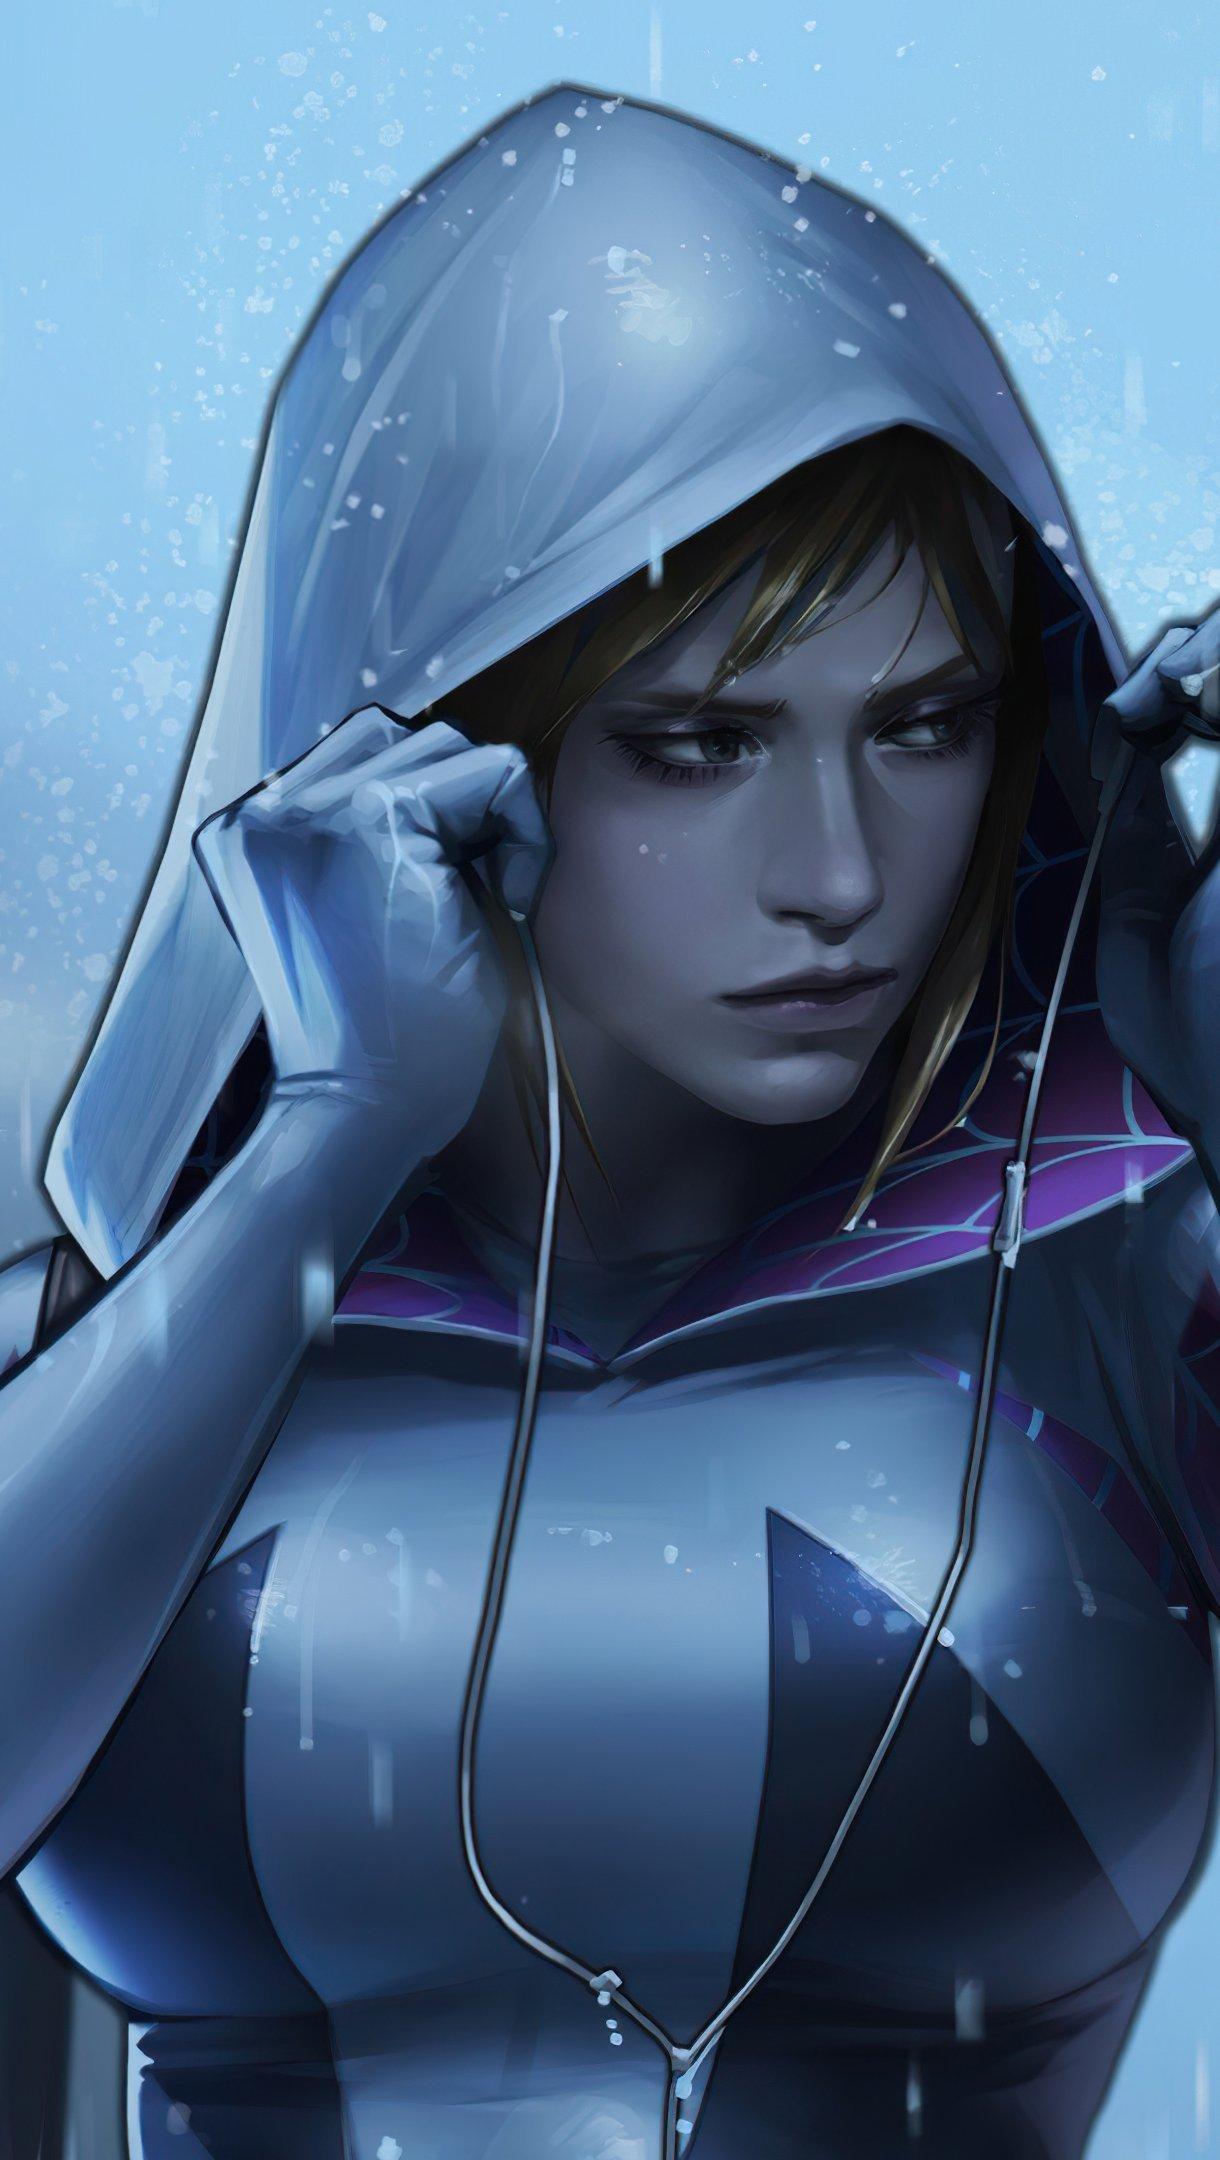 Fondos de pantalla Gwen Stacy escuchando musica Vertical